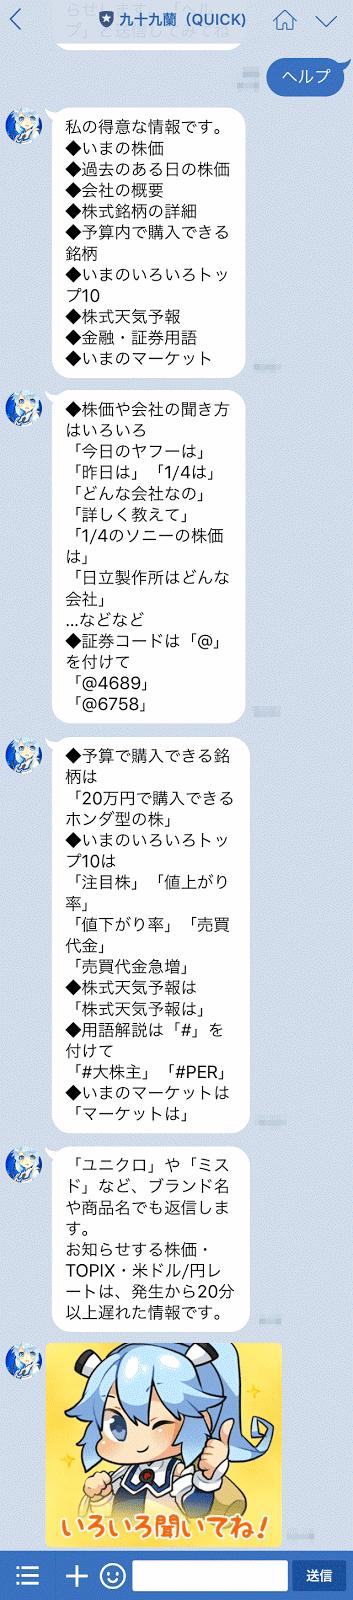 九十九蘭LINE@画面